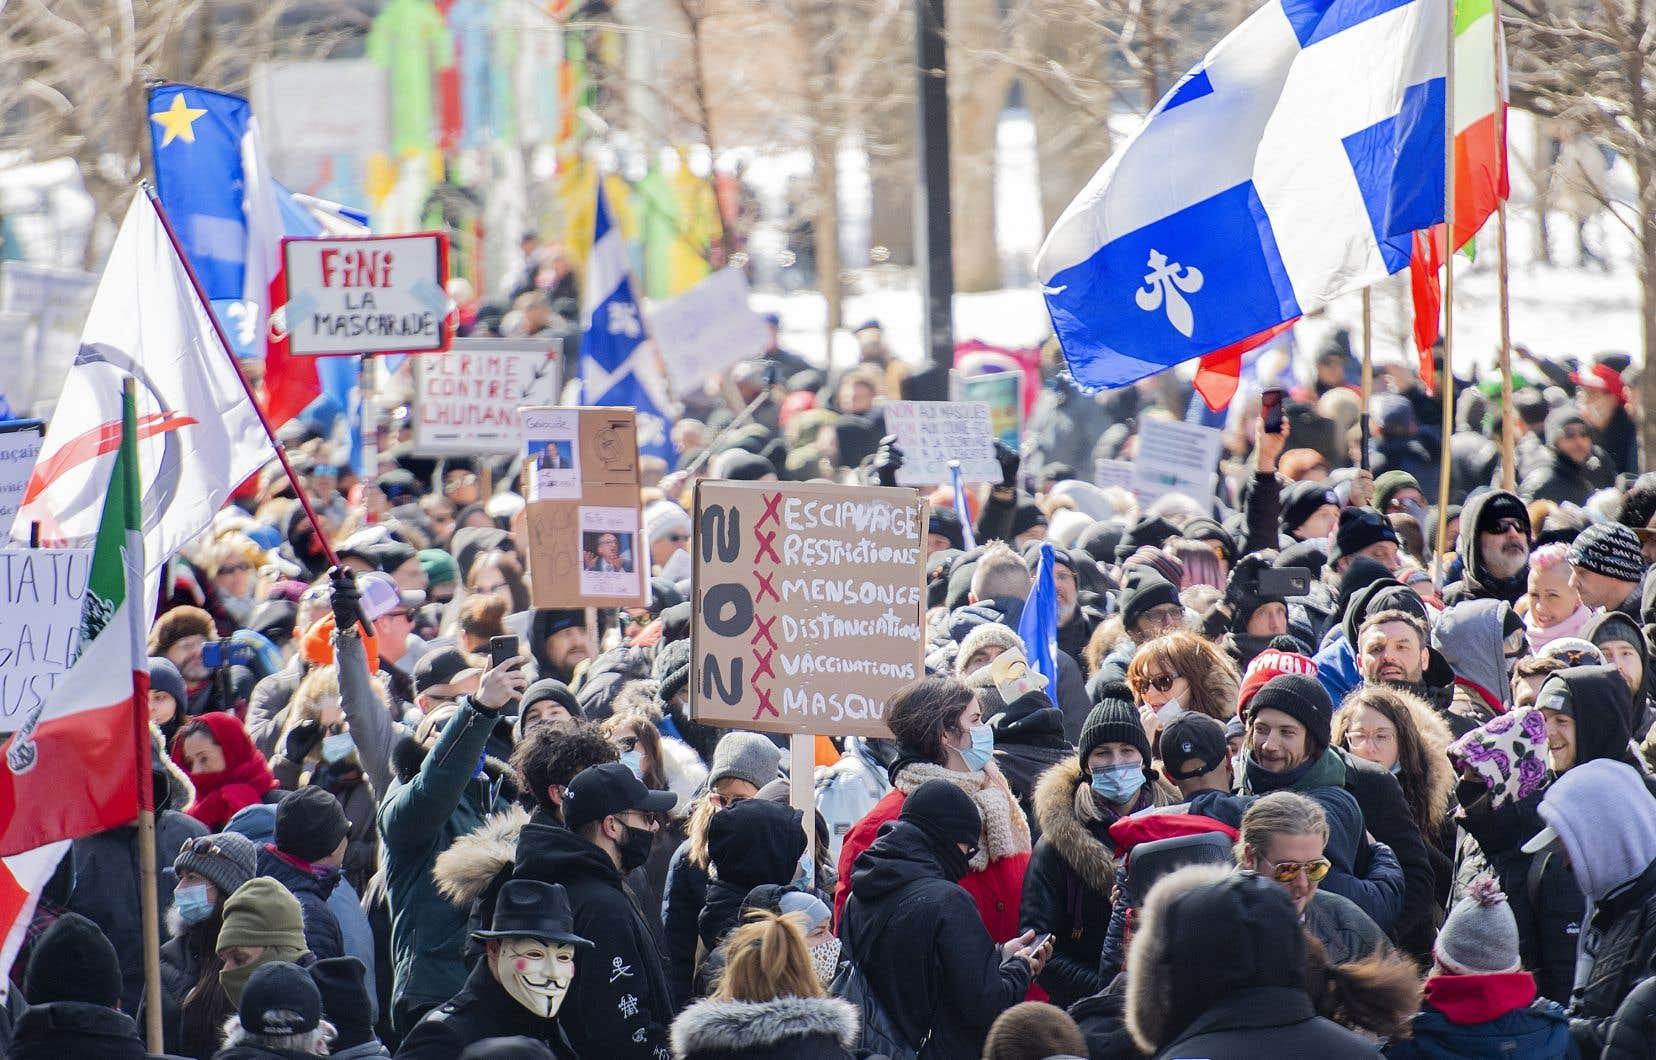 Les manifestants se sont rassemblés vers 12h30 à l'intersection de l'avenue McGill College et de la rue Sherbrooke, non loin des bureaux montréalais du premier ministre François Legault.